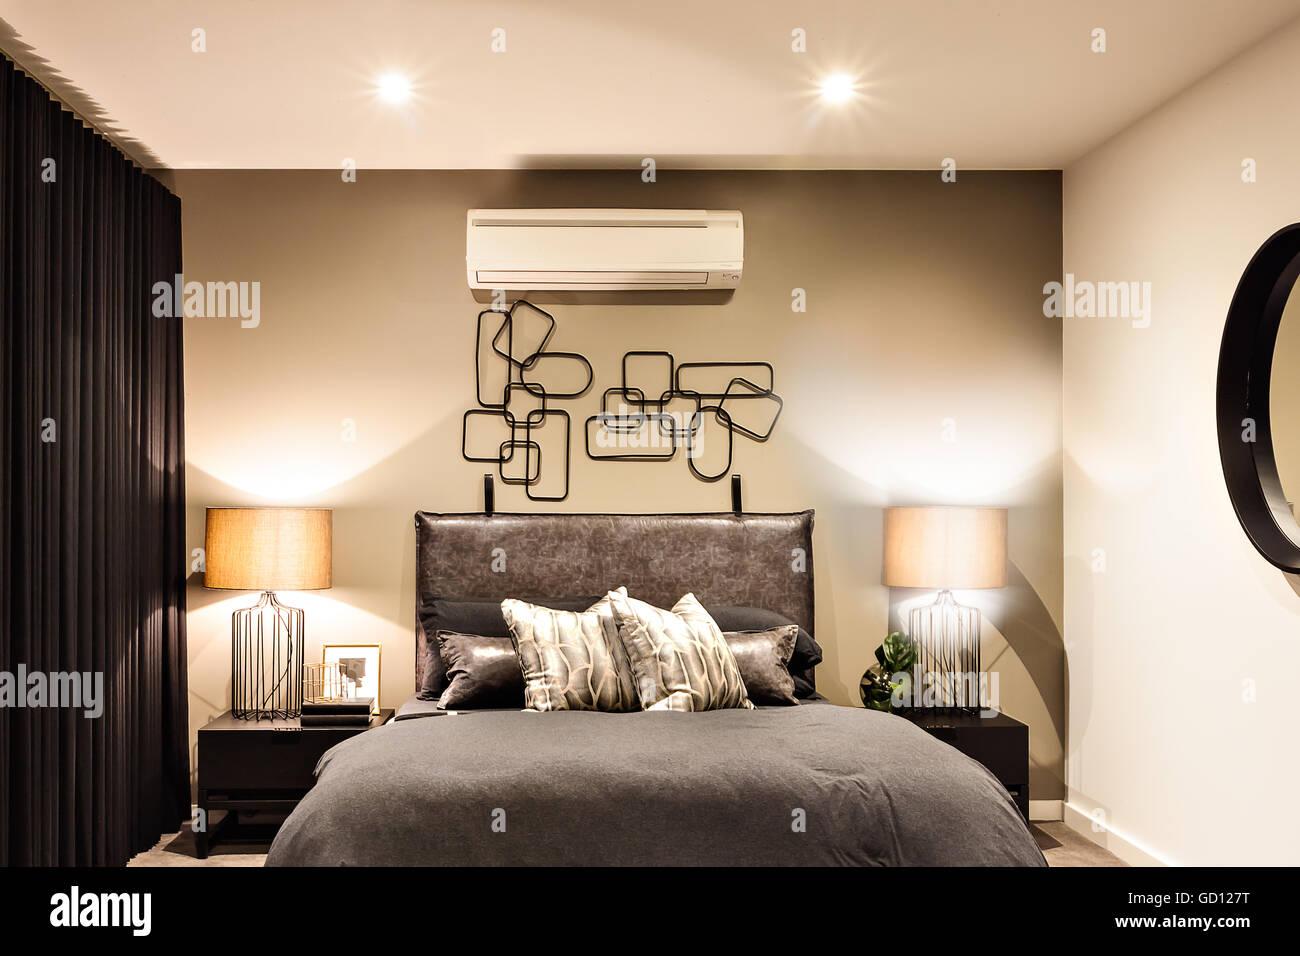 Moderne Schlafzimmer inklusive blinkende Tischleuchten mit ...